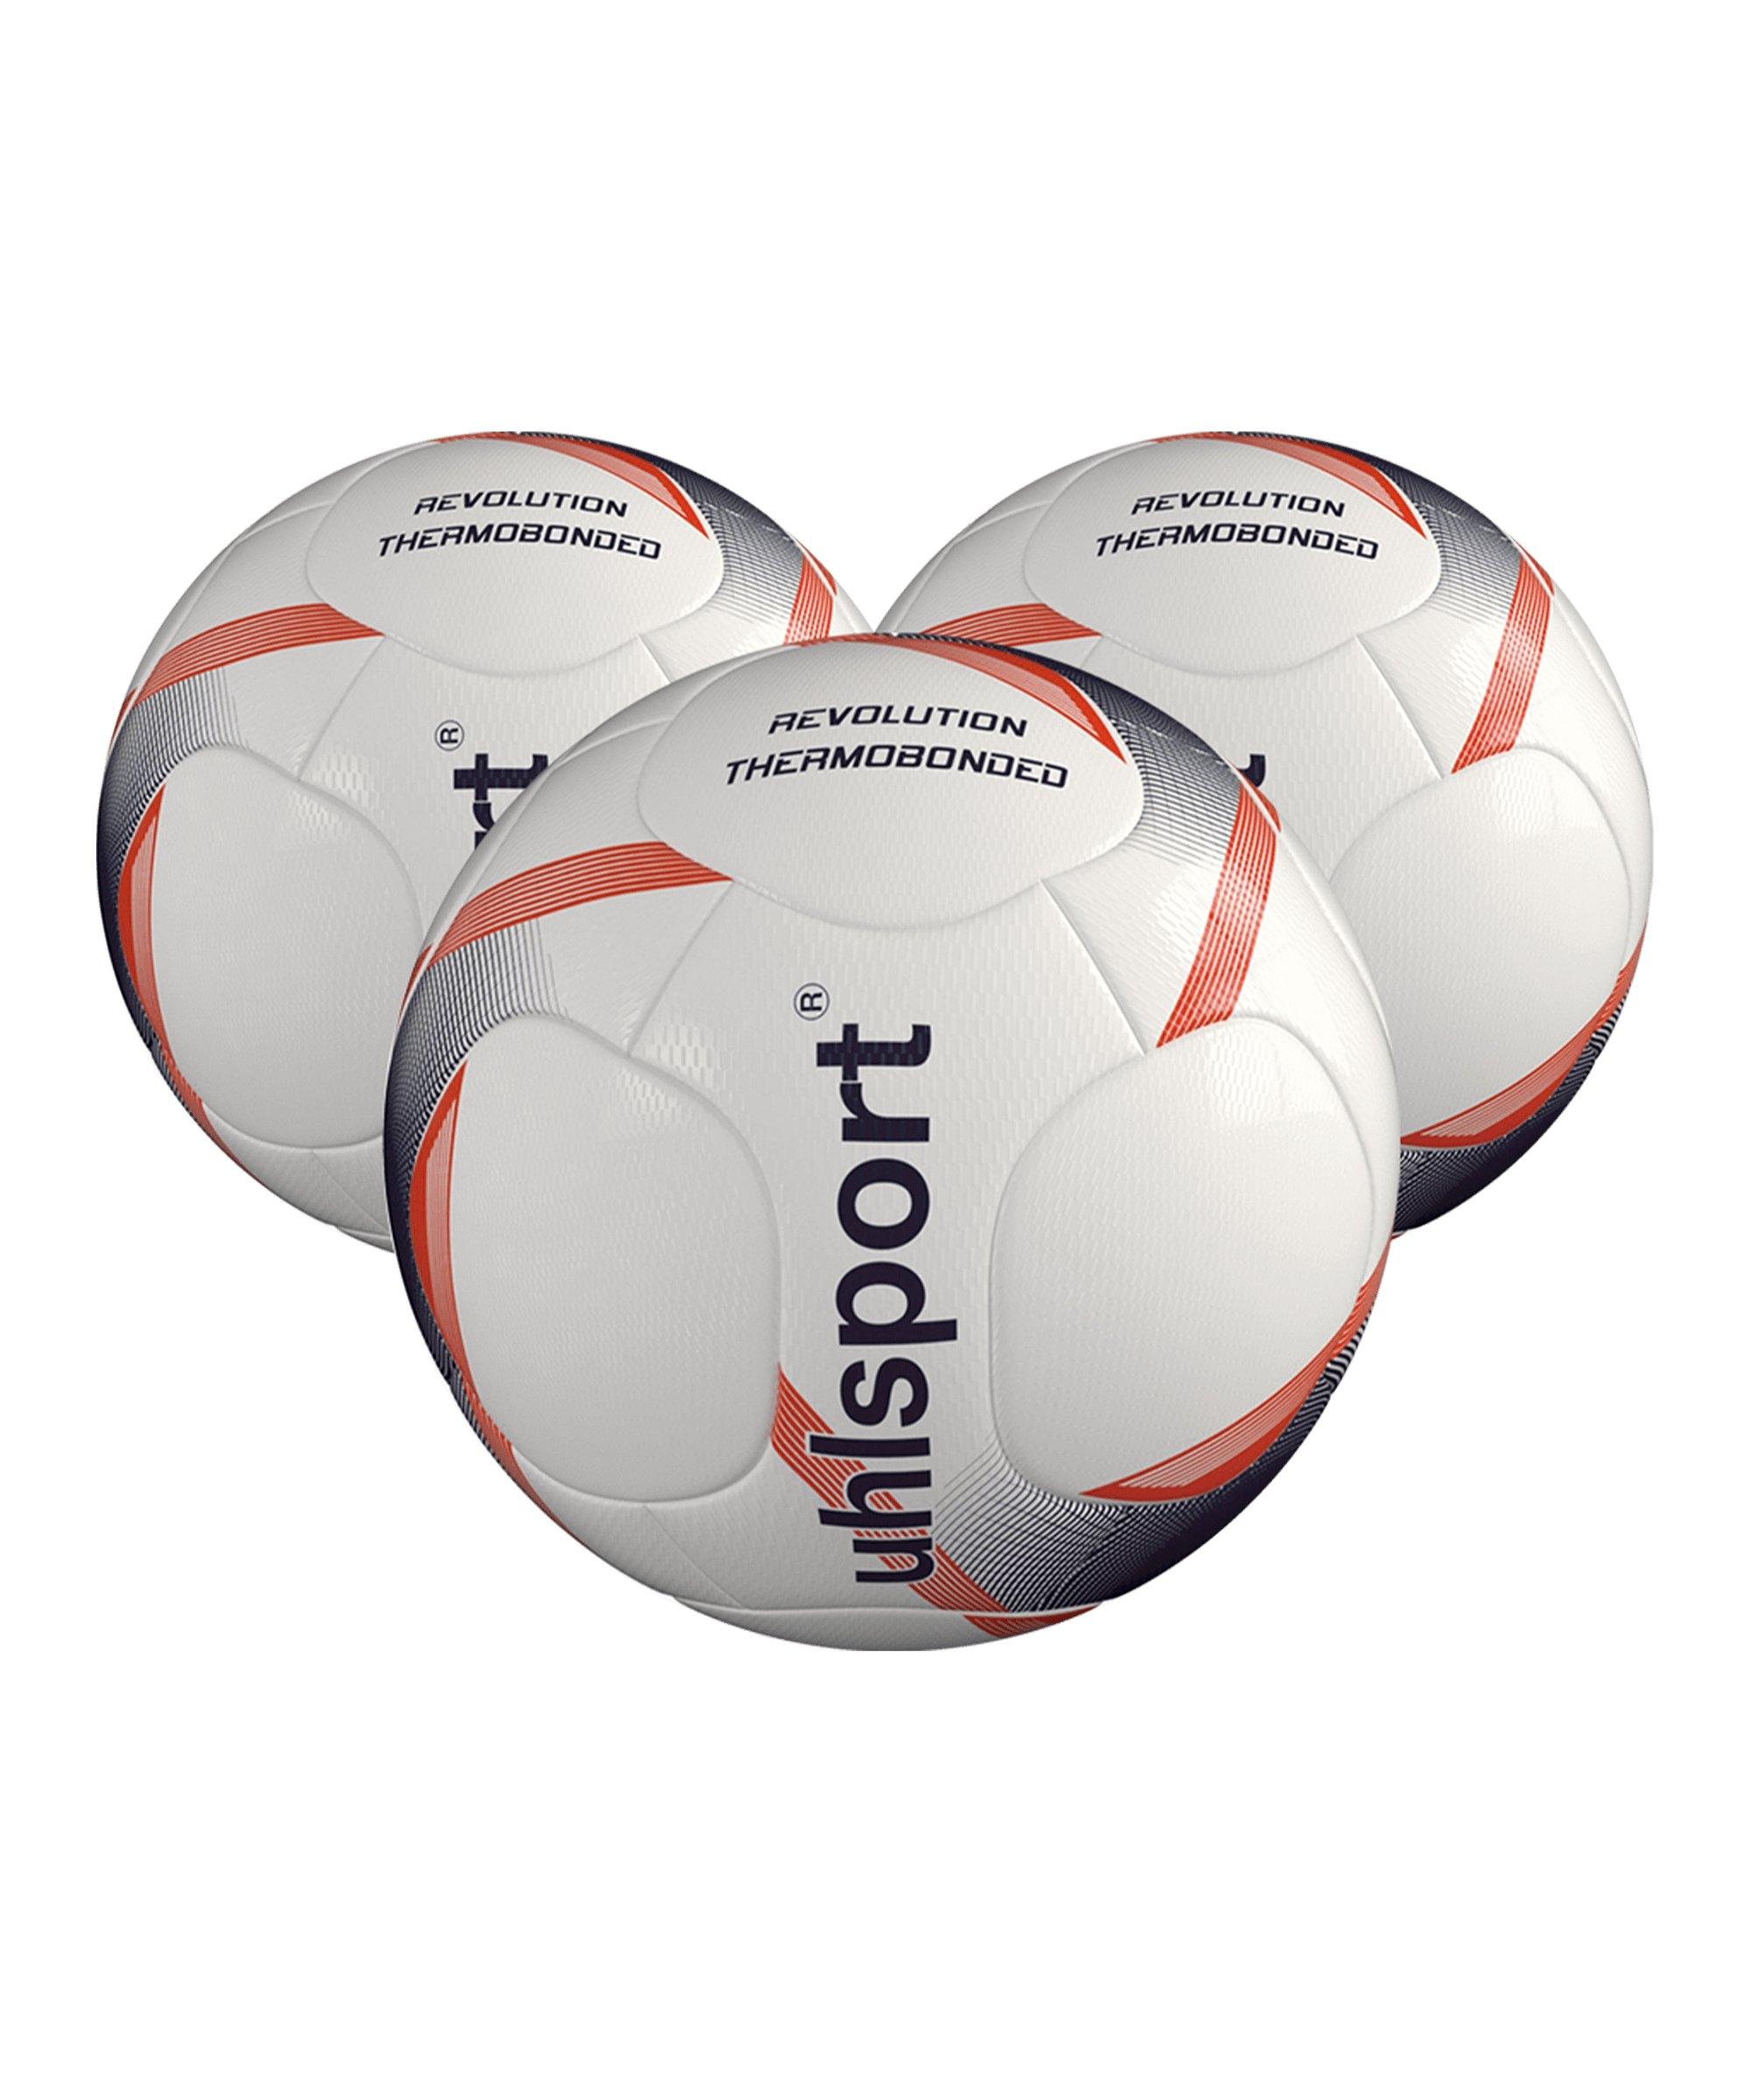 Uhlsport Infinity Revolution 3.0 x3 Gr 5 Fussball F01 - weiss